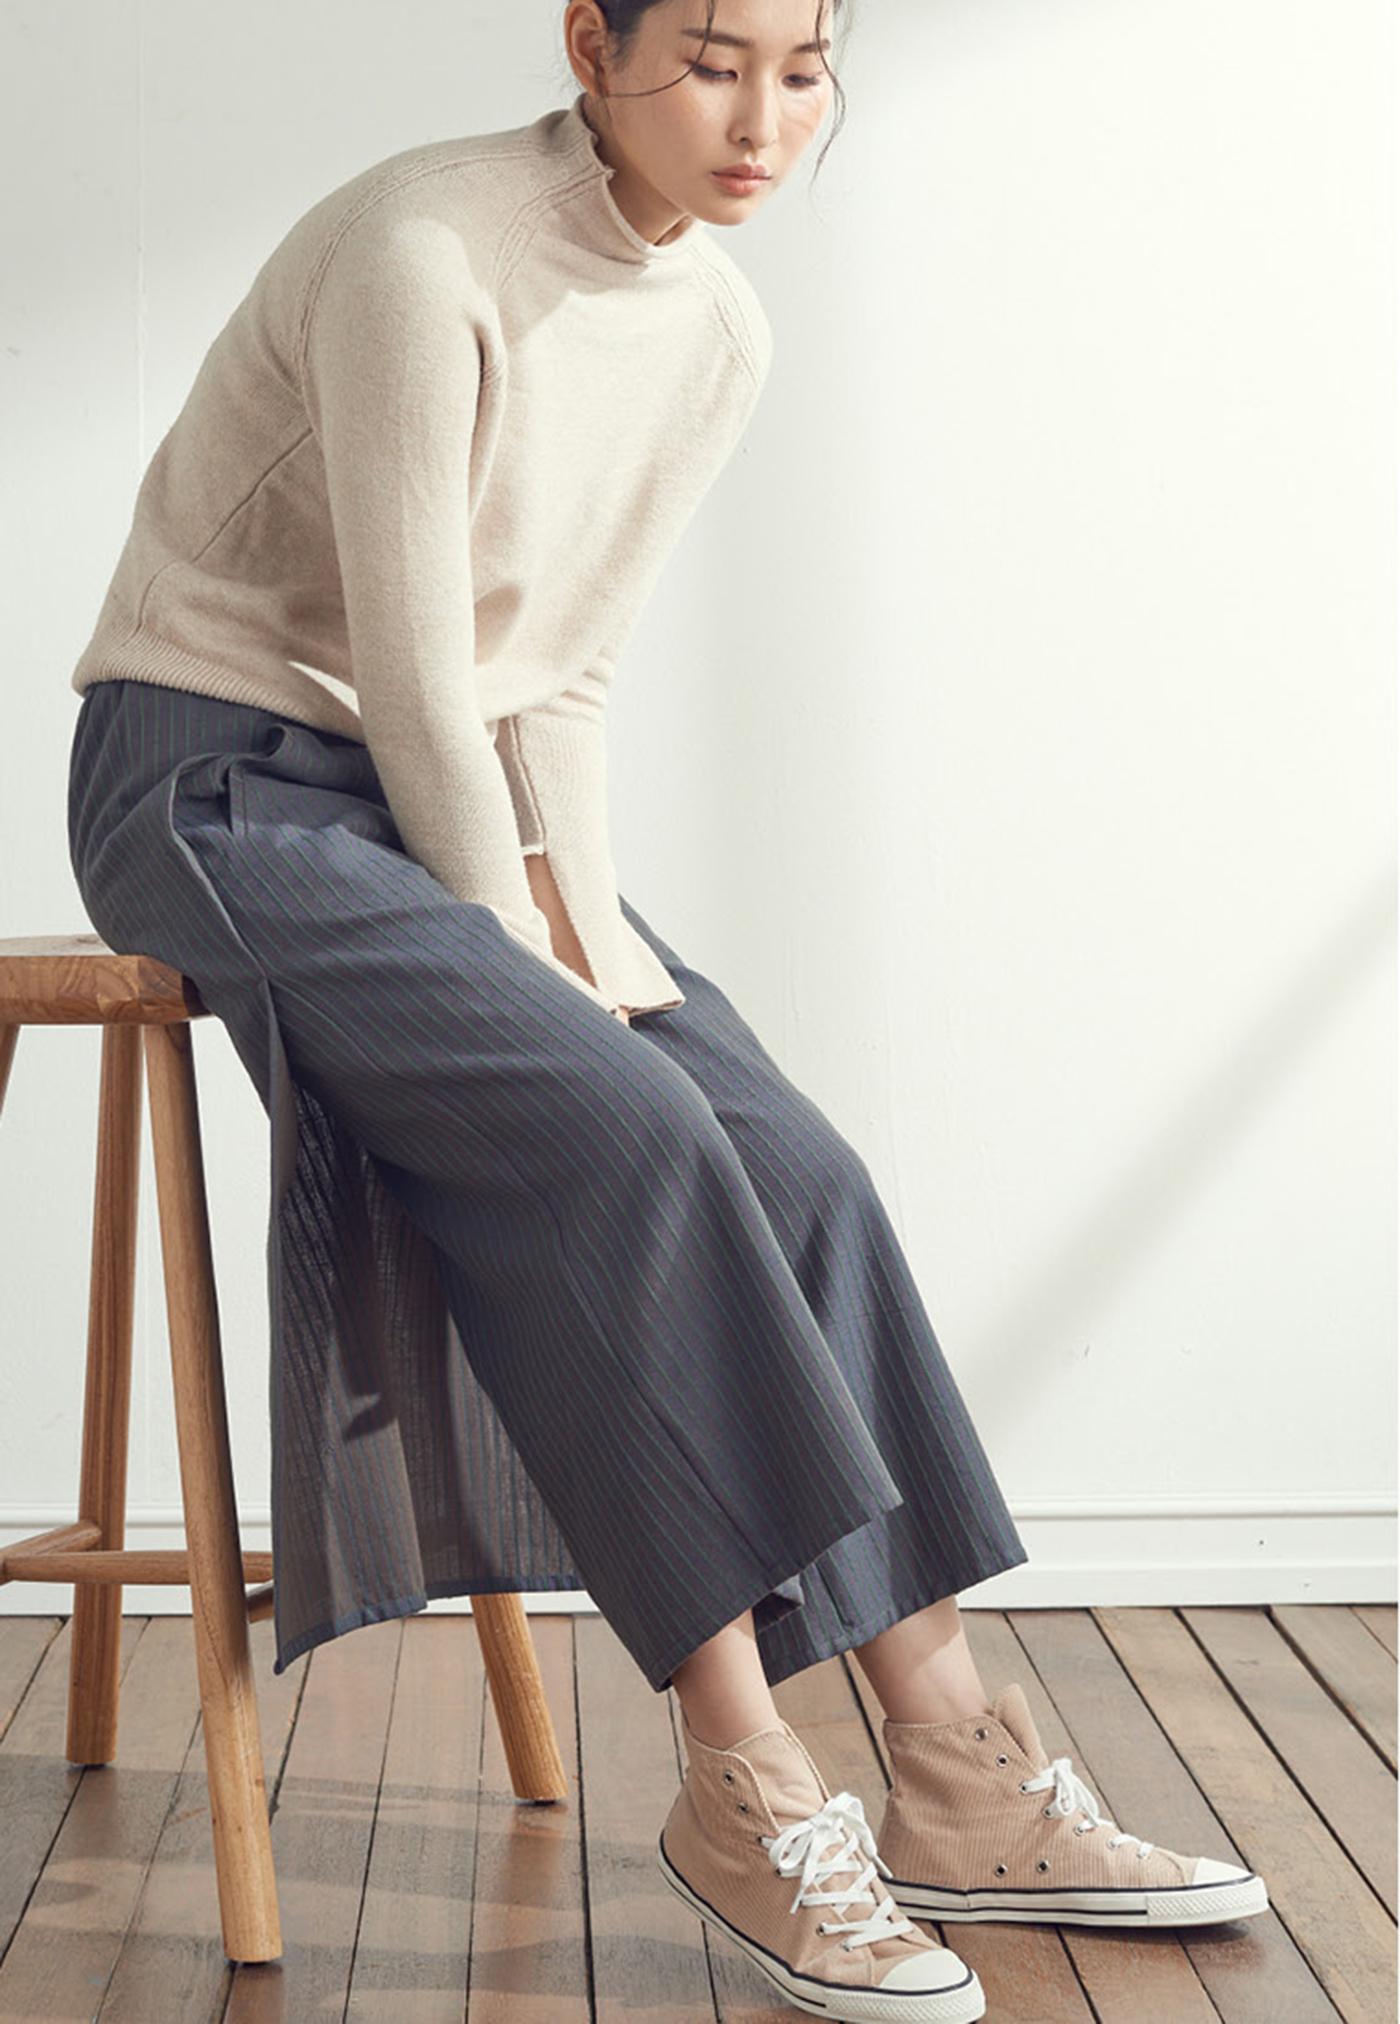 솔 백 랩 팬츠(Sol Back Wrap Pants) 상세이미지5